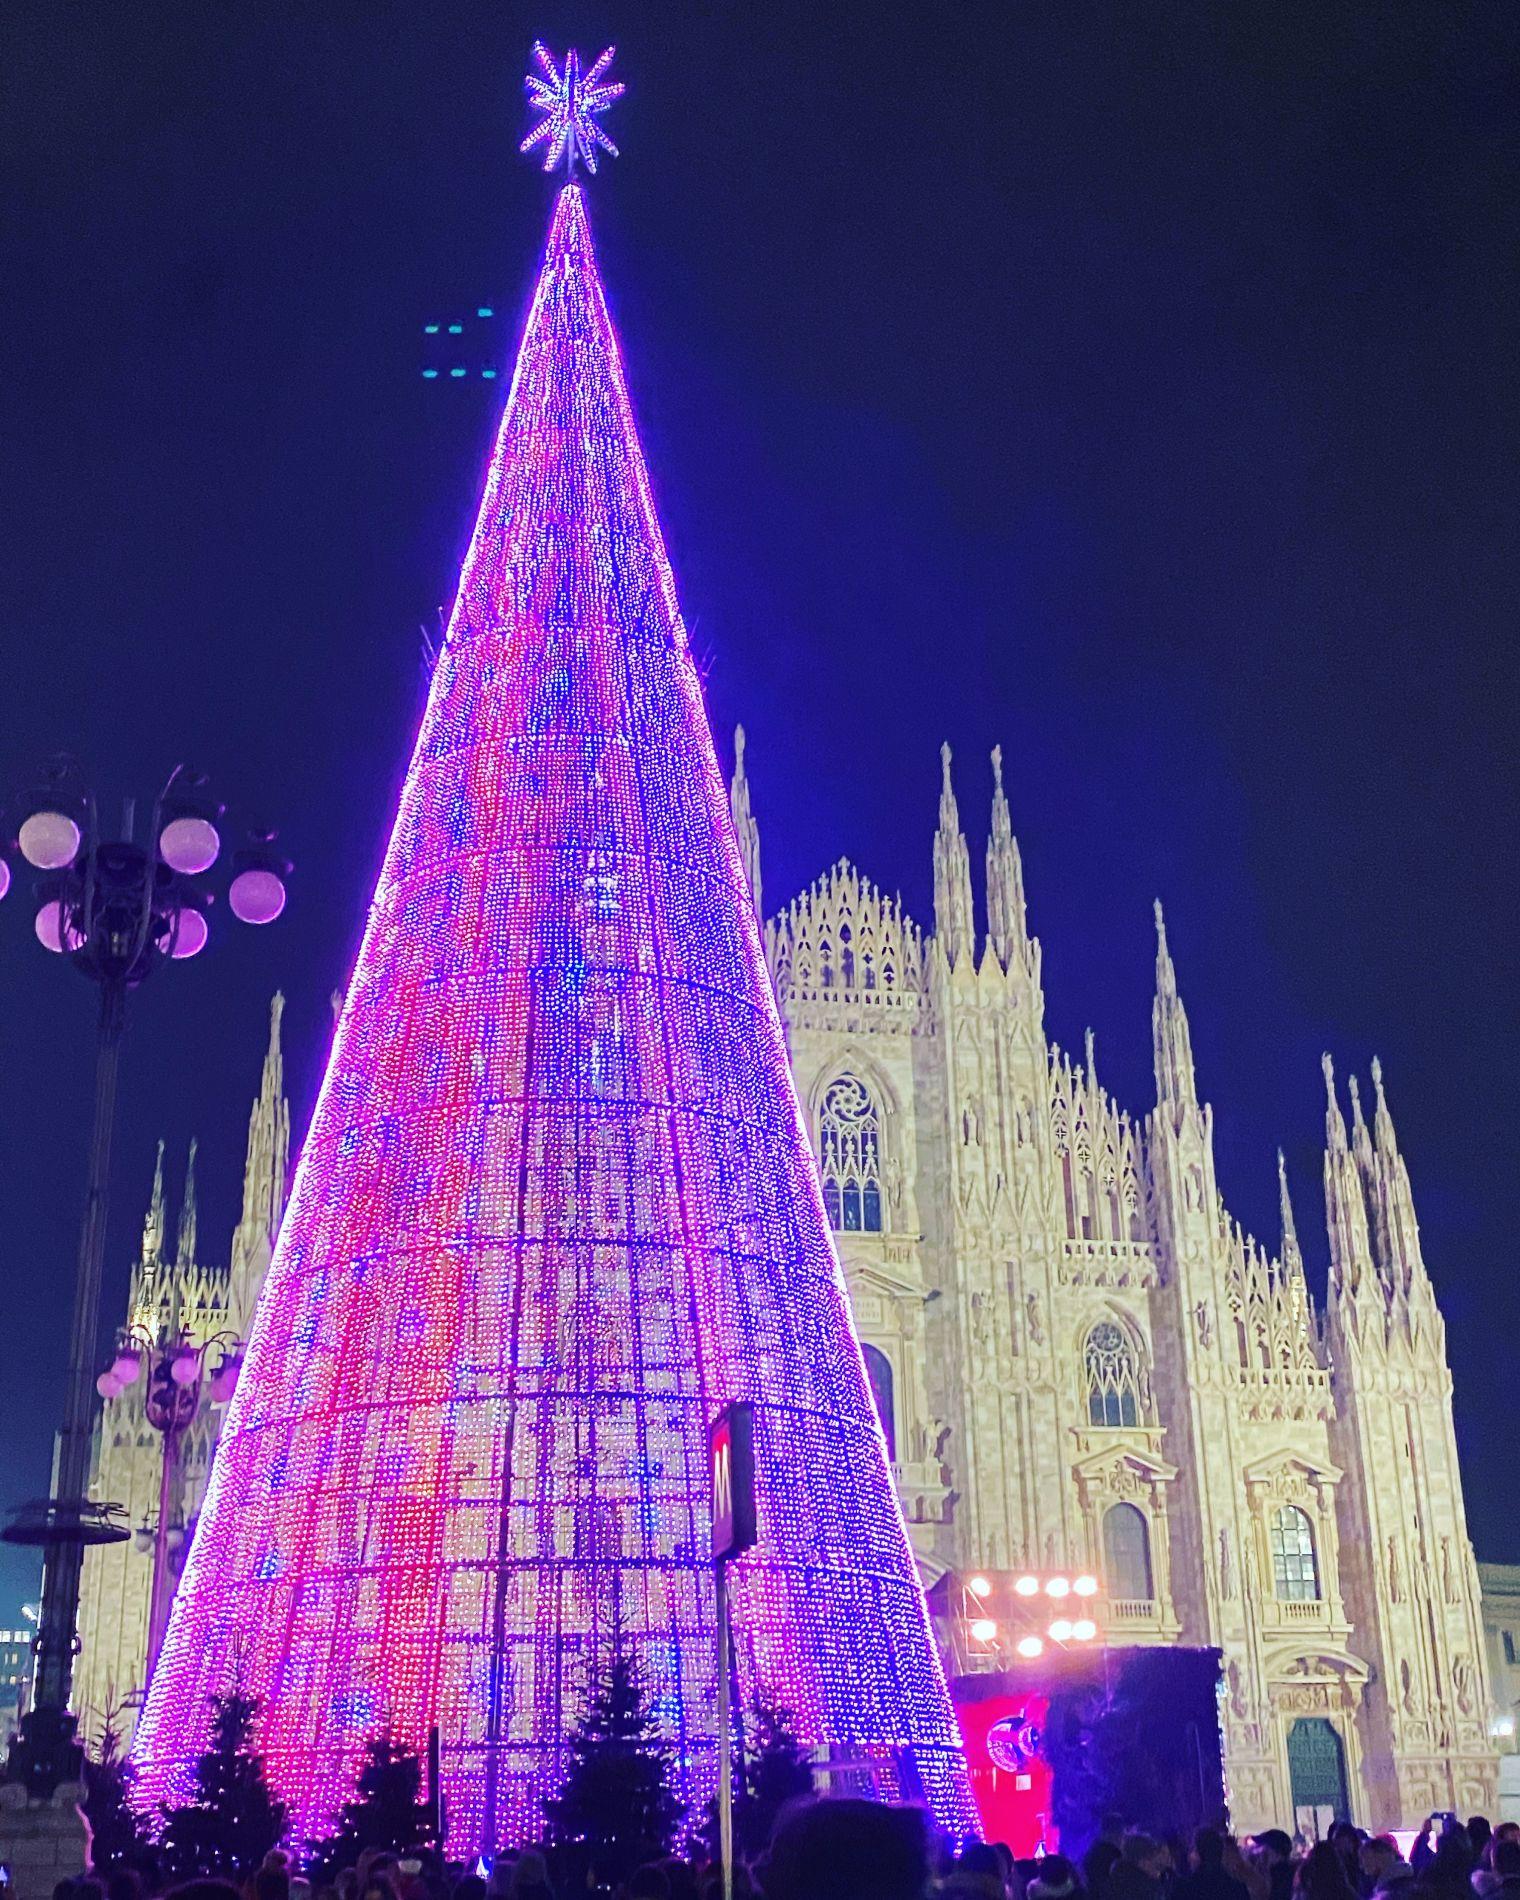 Albero Di Natale Milano.Milano Acceso L Albero Di Natale In Piazza Duomo La Milano Cronaca E Notizie